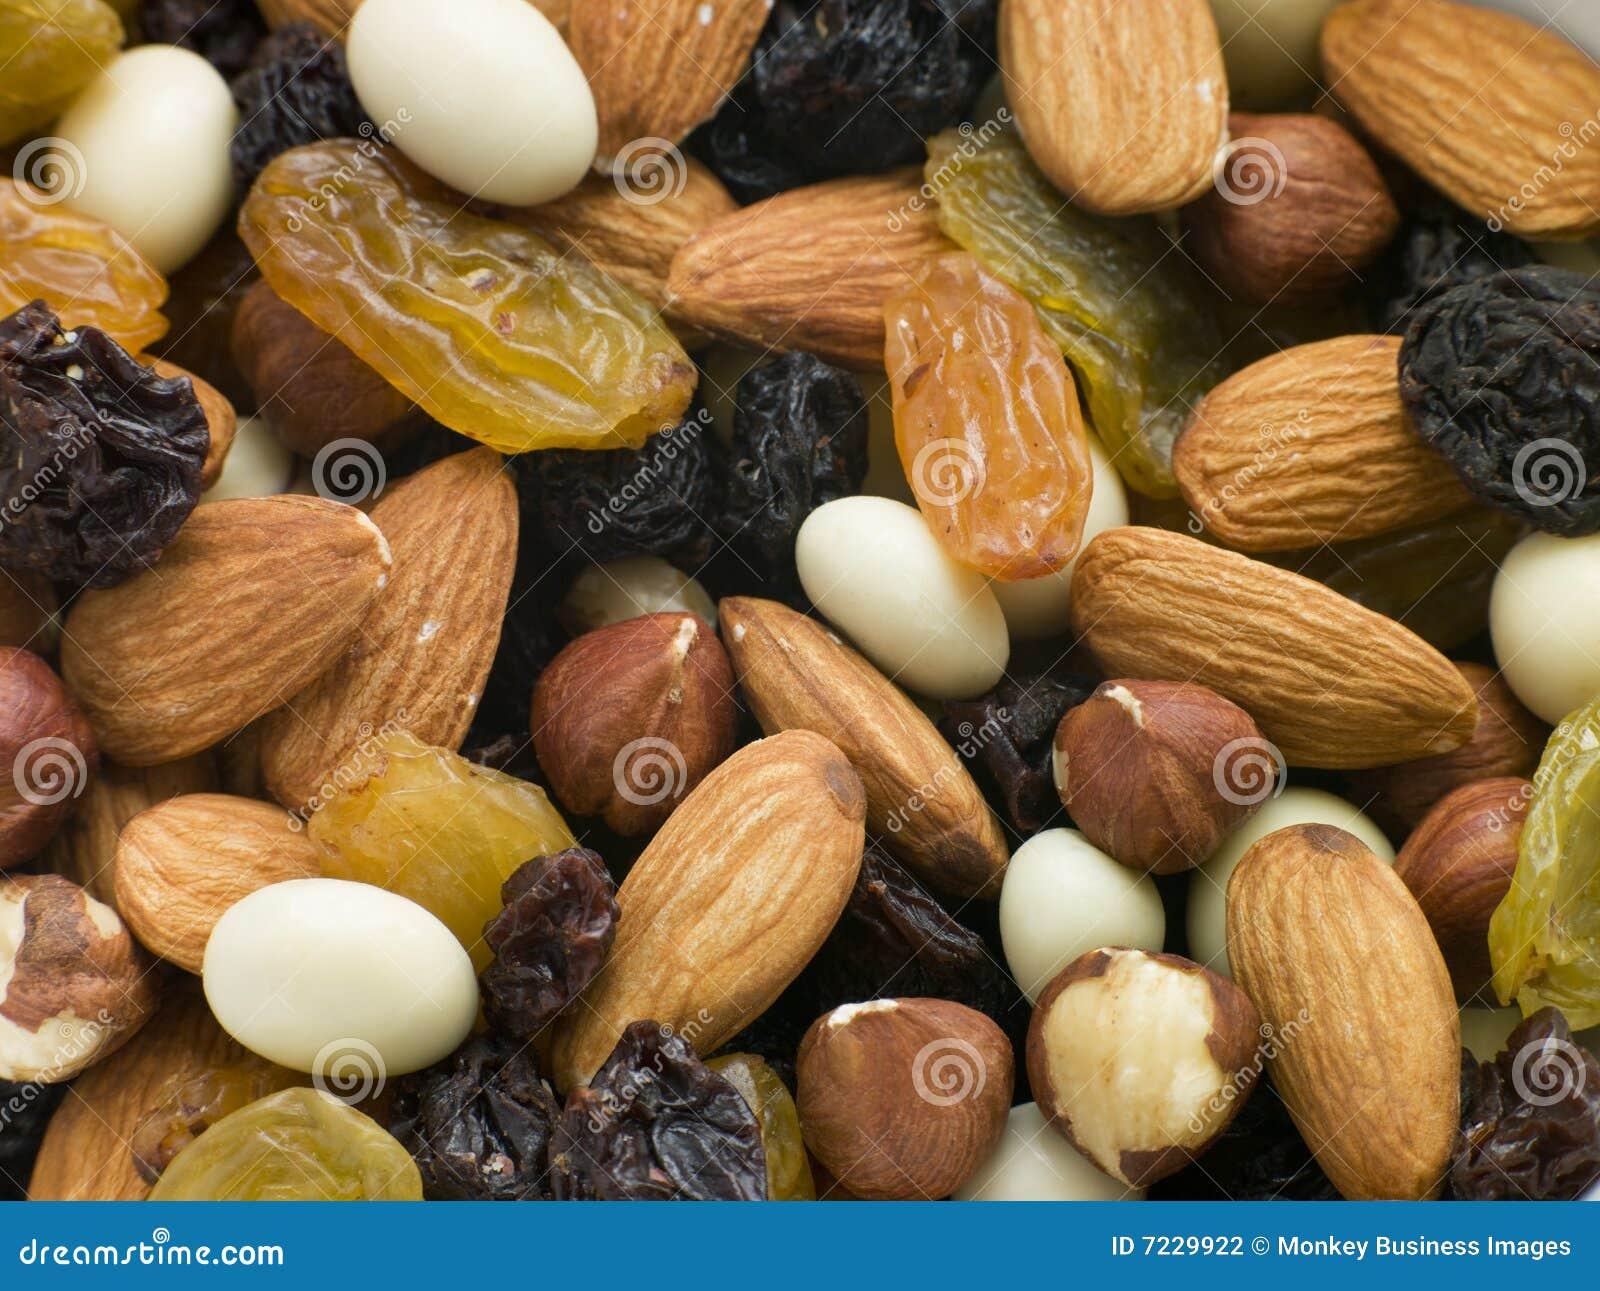 Mélange de noix et de fruits secs